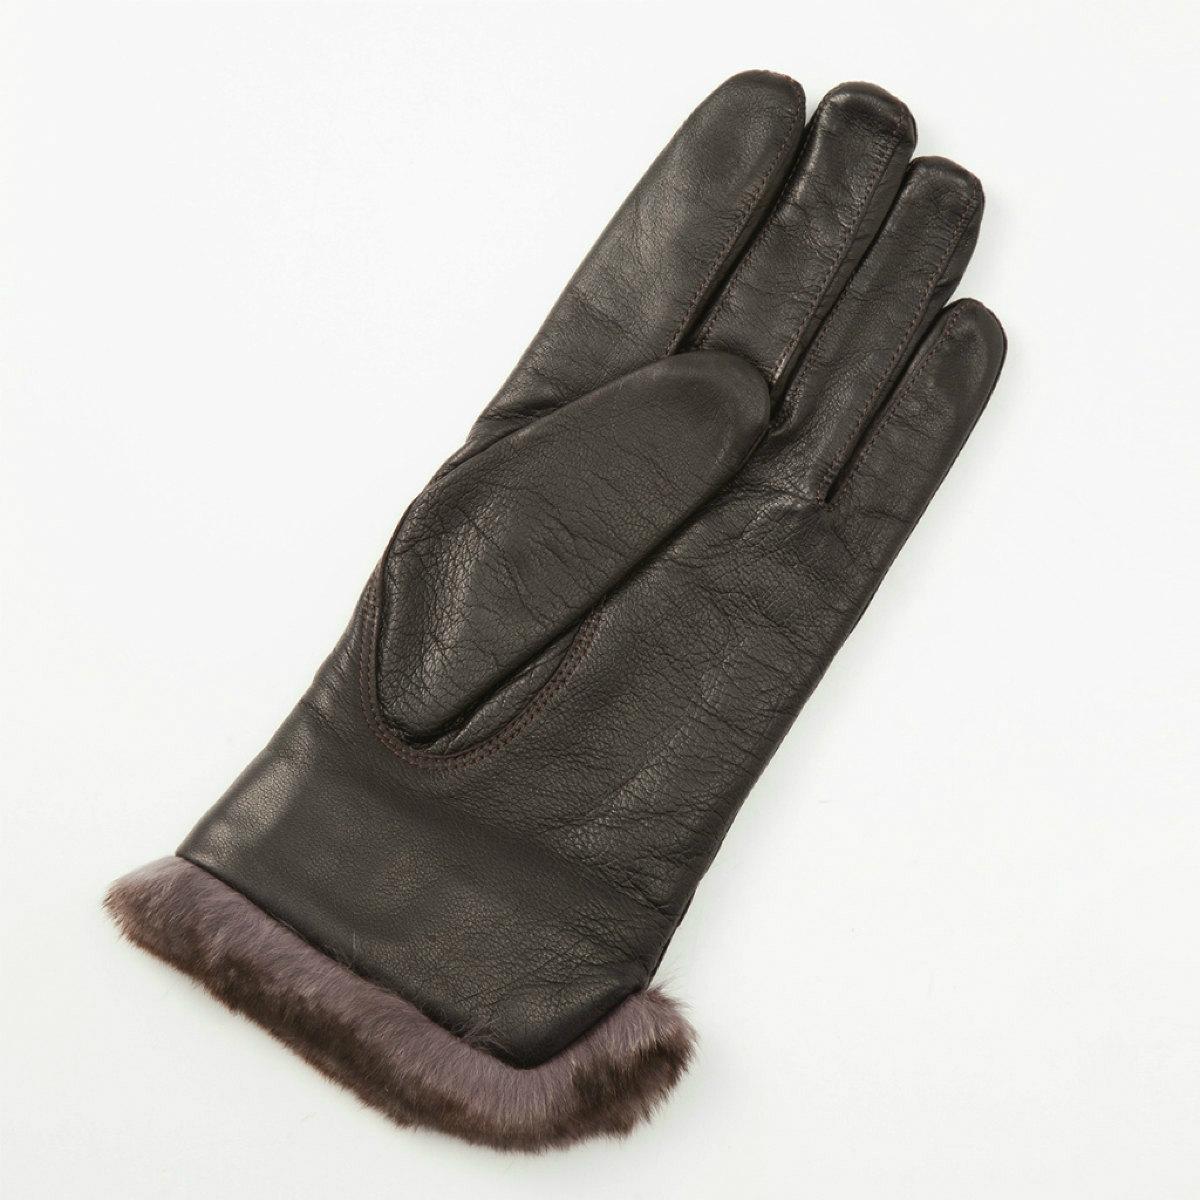 アルタクラッセ カプリガンティメンズ レッキスファー付/革手袋チョコ